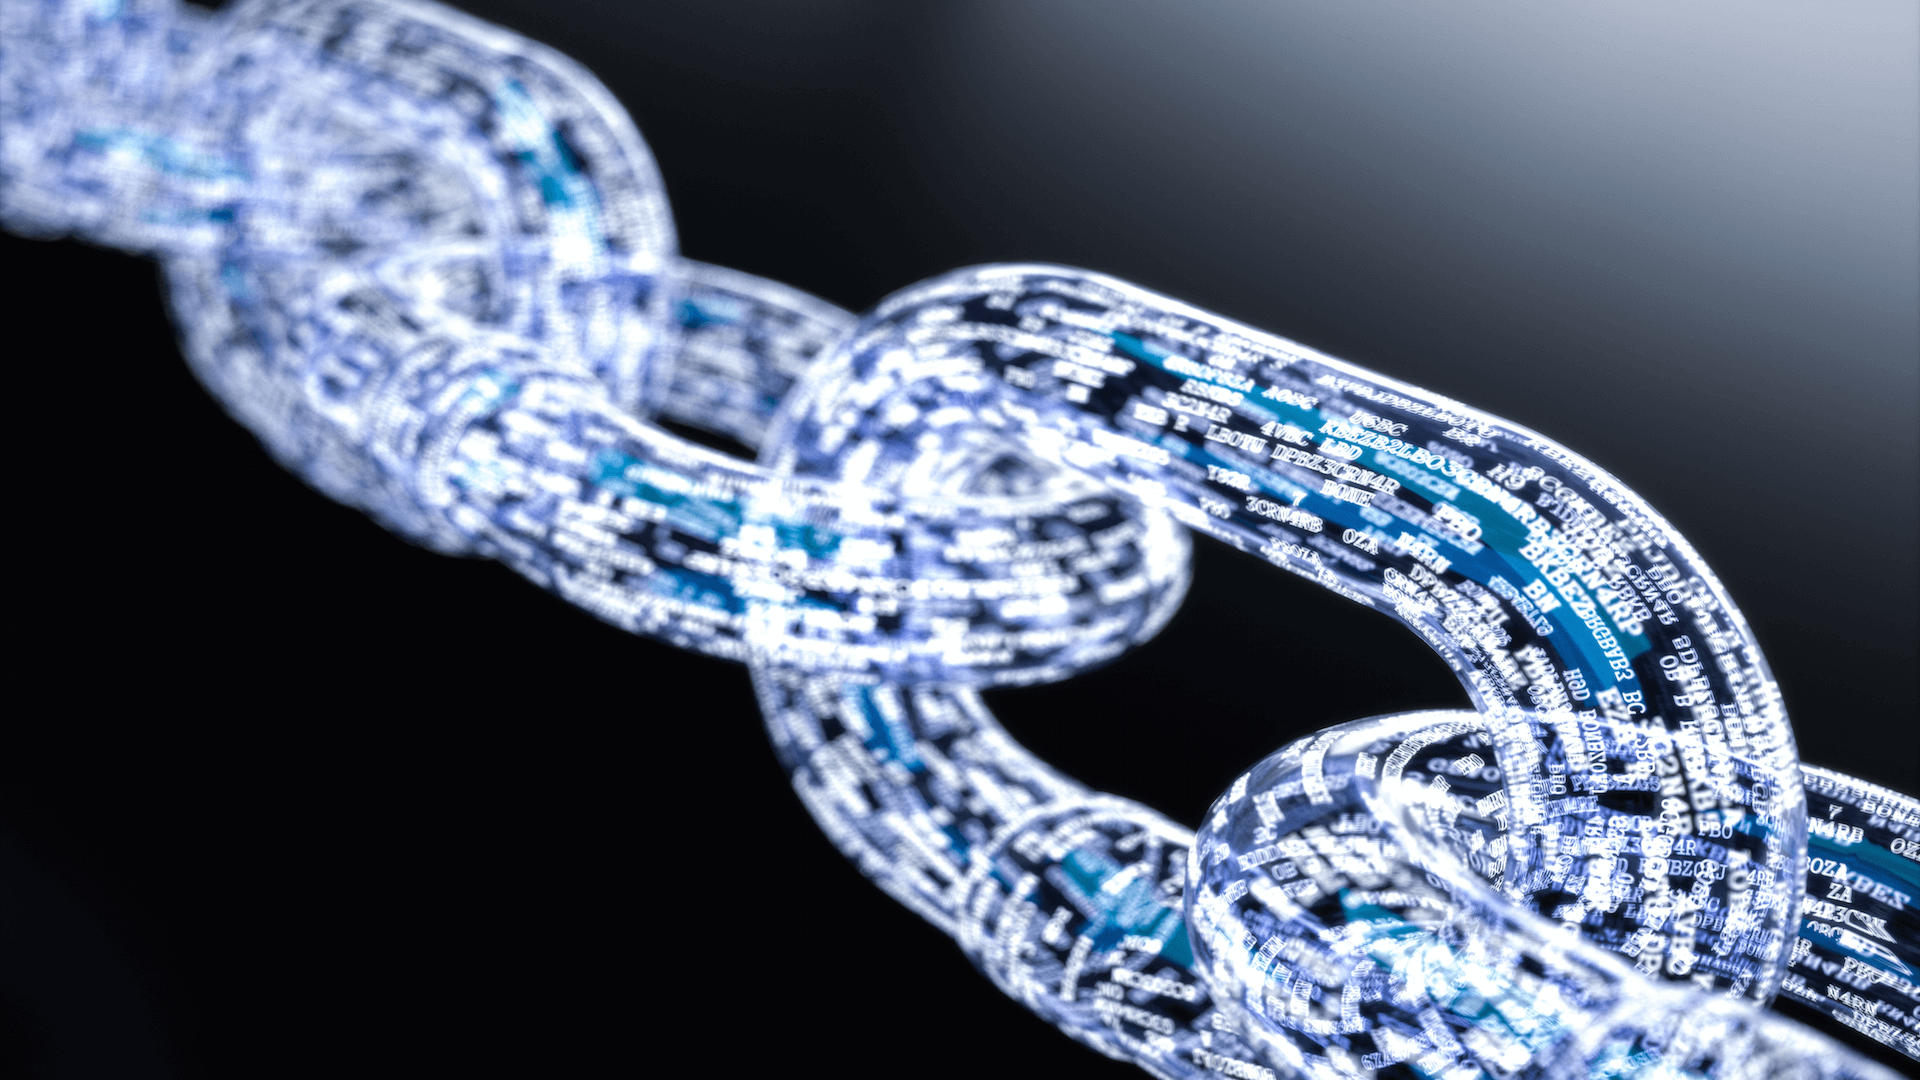 Công nghệ Blockchain ứng dụng trong bảo vệ dữ liệu